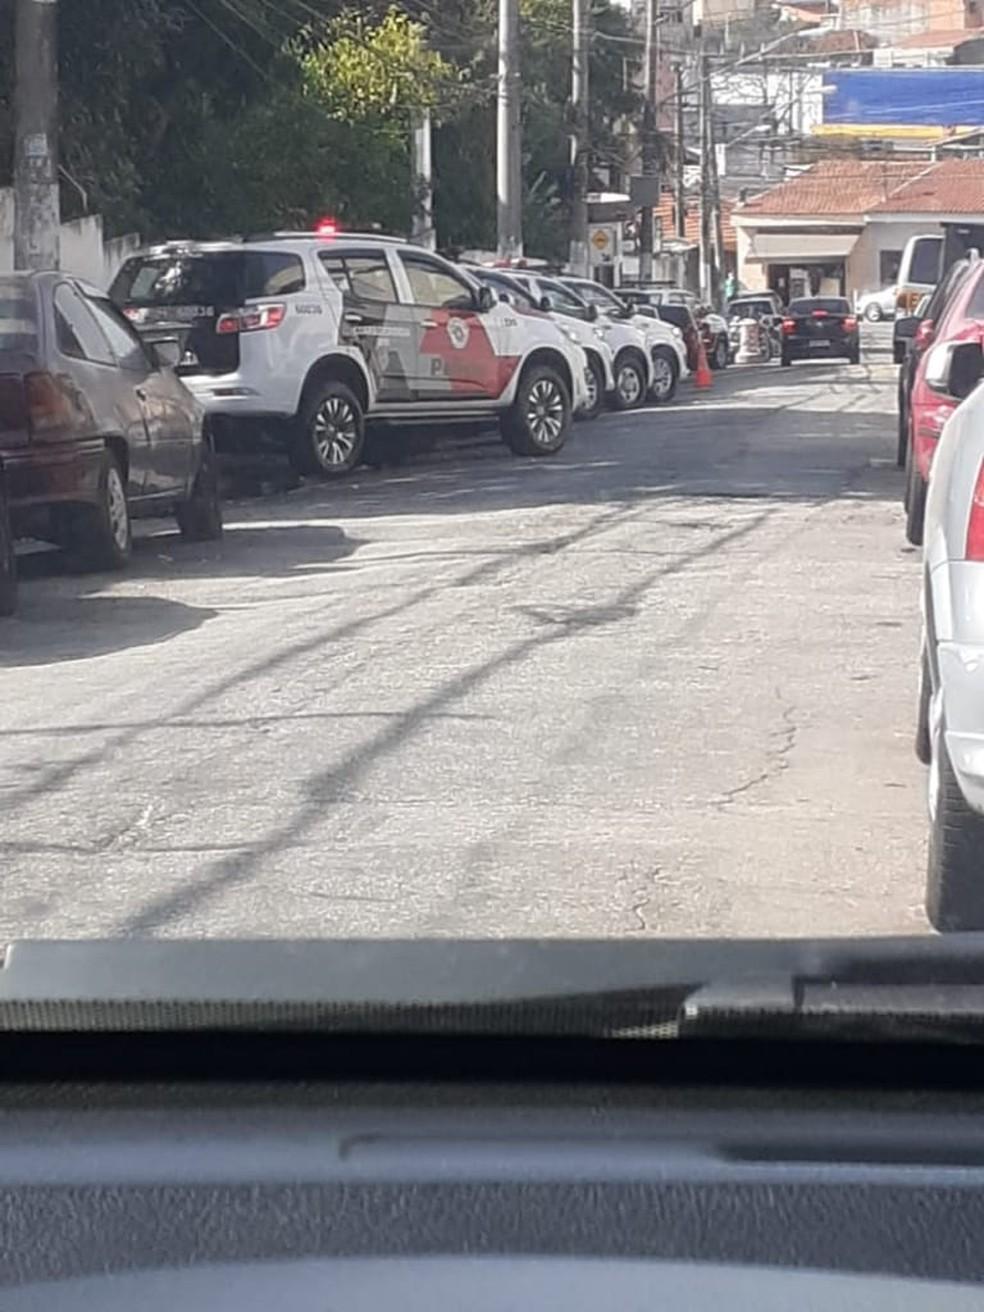 5º Batalhão da PM é cercado pela Corregedoria — Foto: Arquivo pessoal